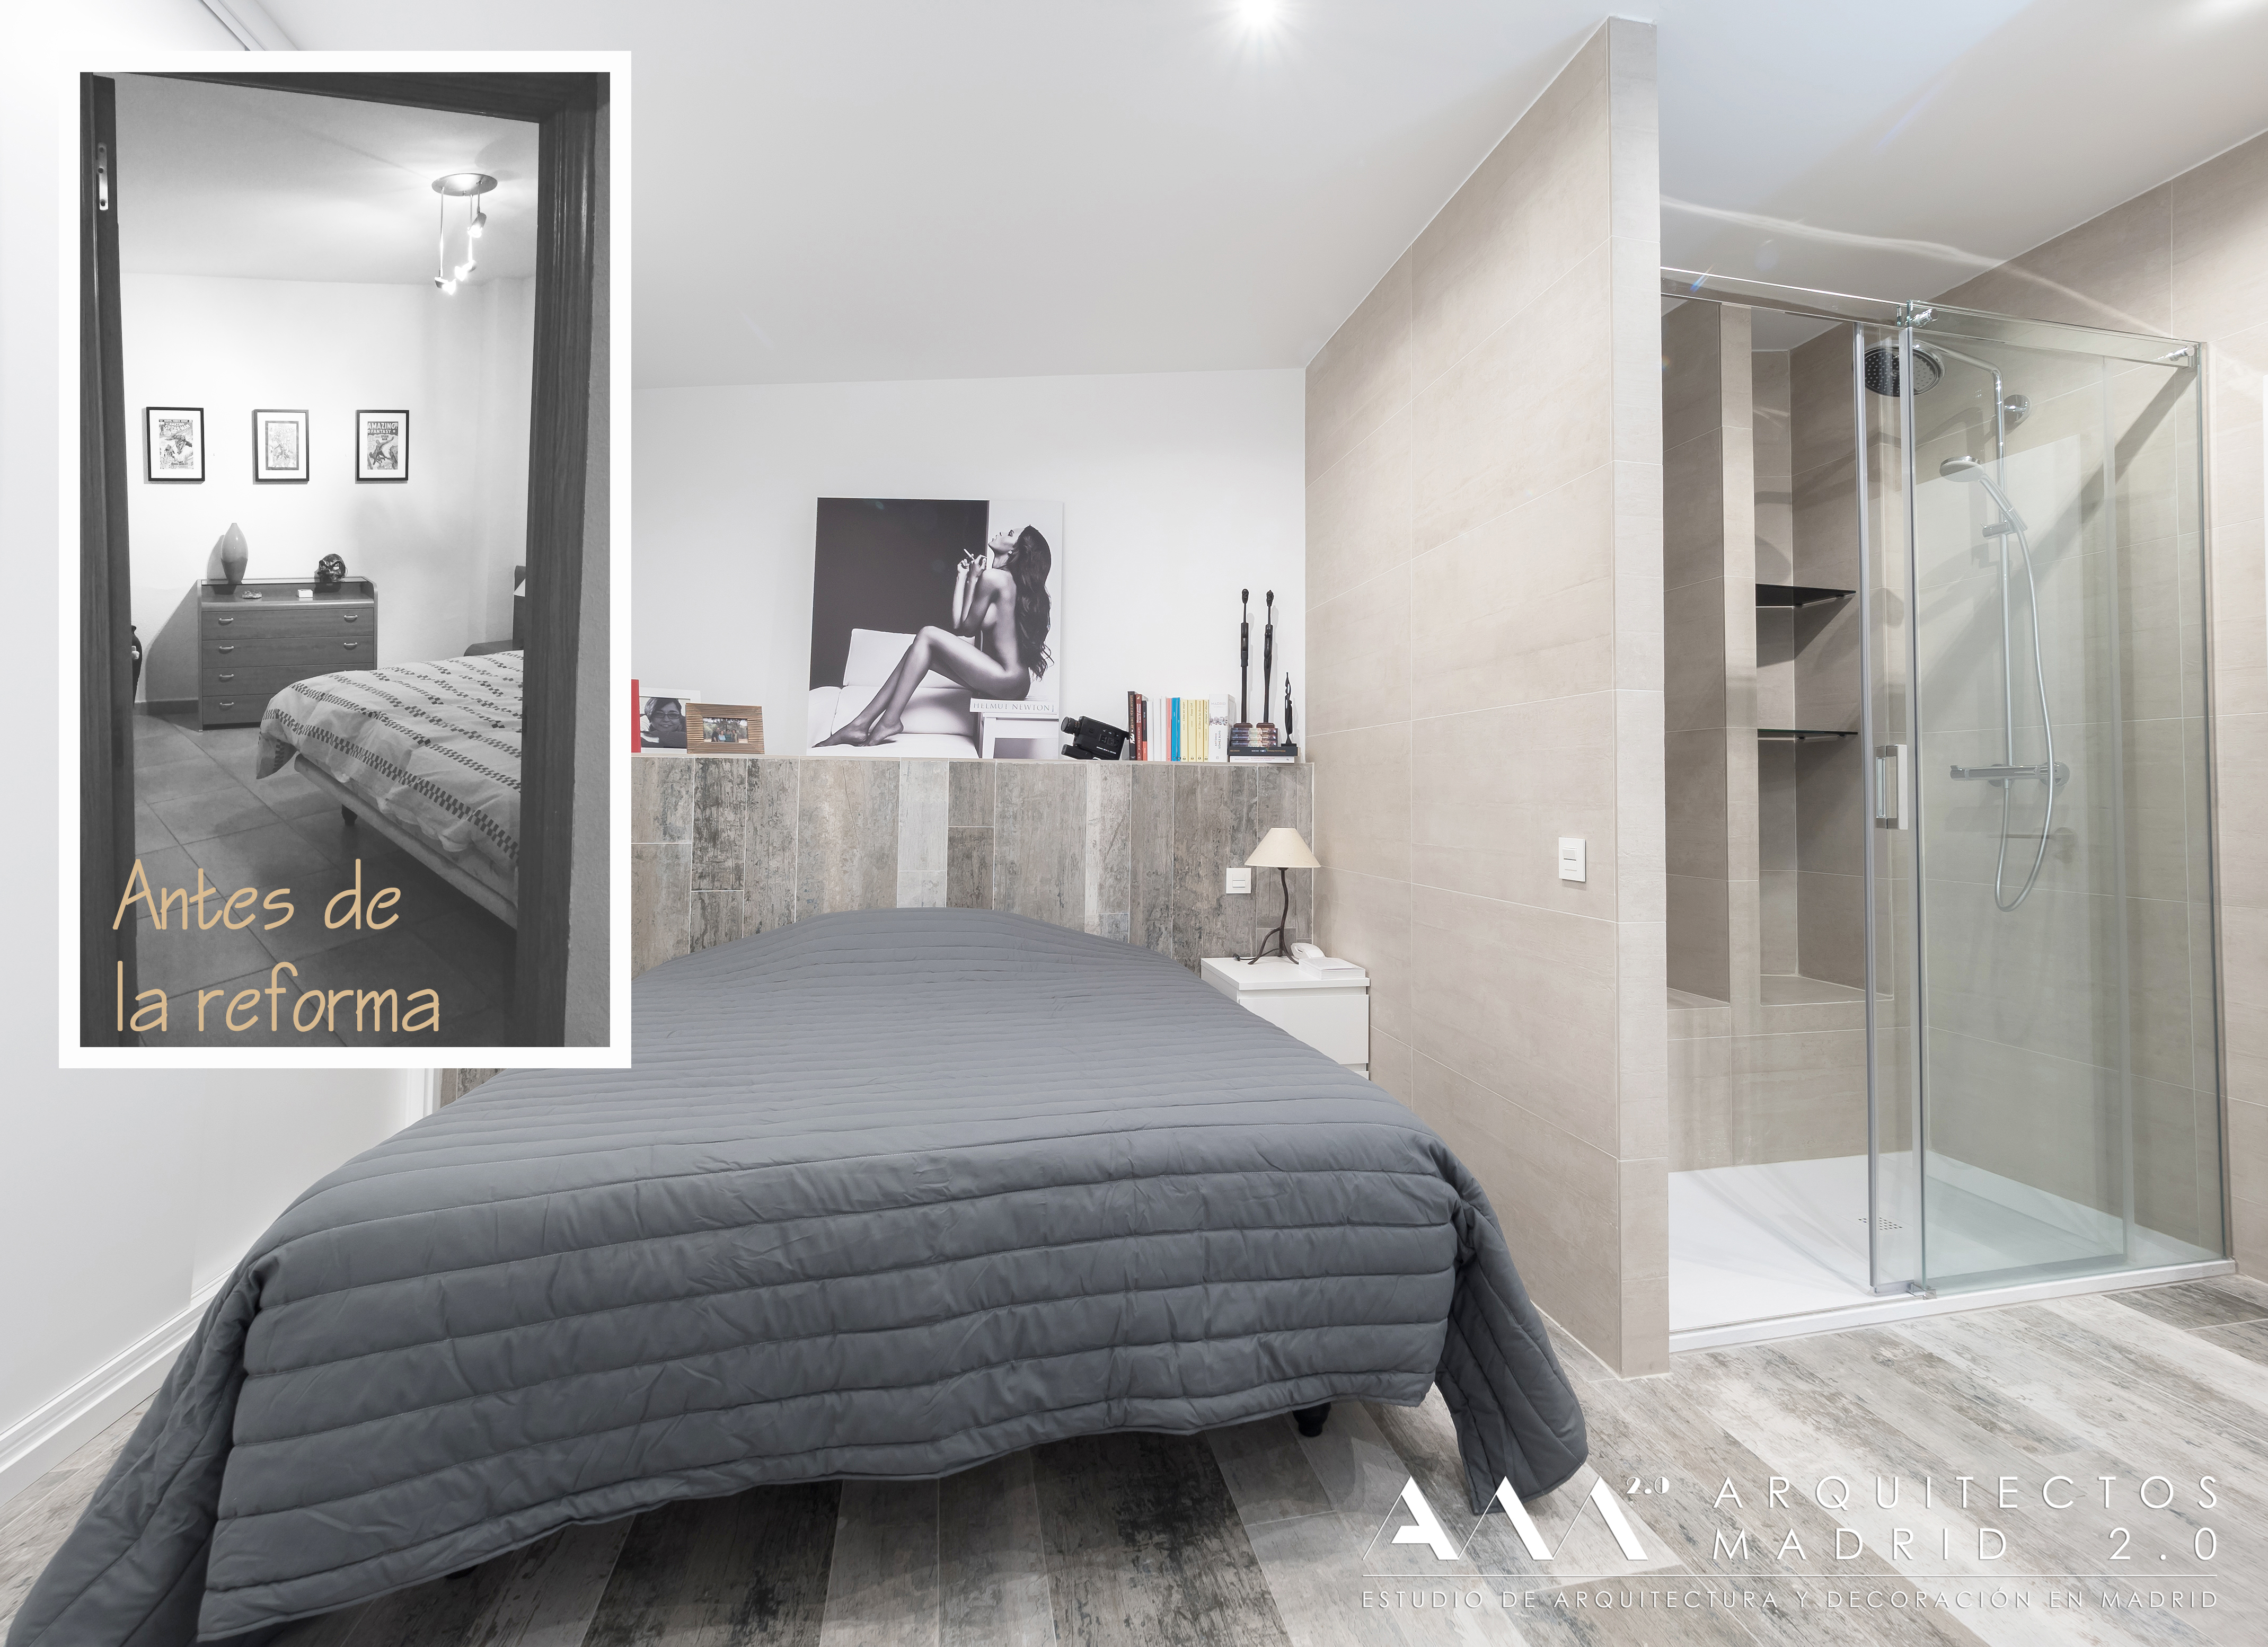 solado-ceramico-imitacion-madera-vintage-pavimento-continuo-dormitorio-bano